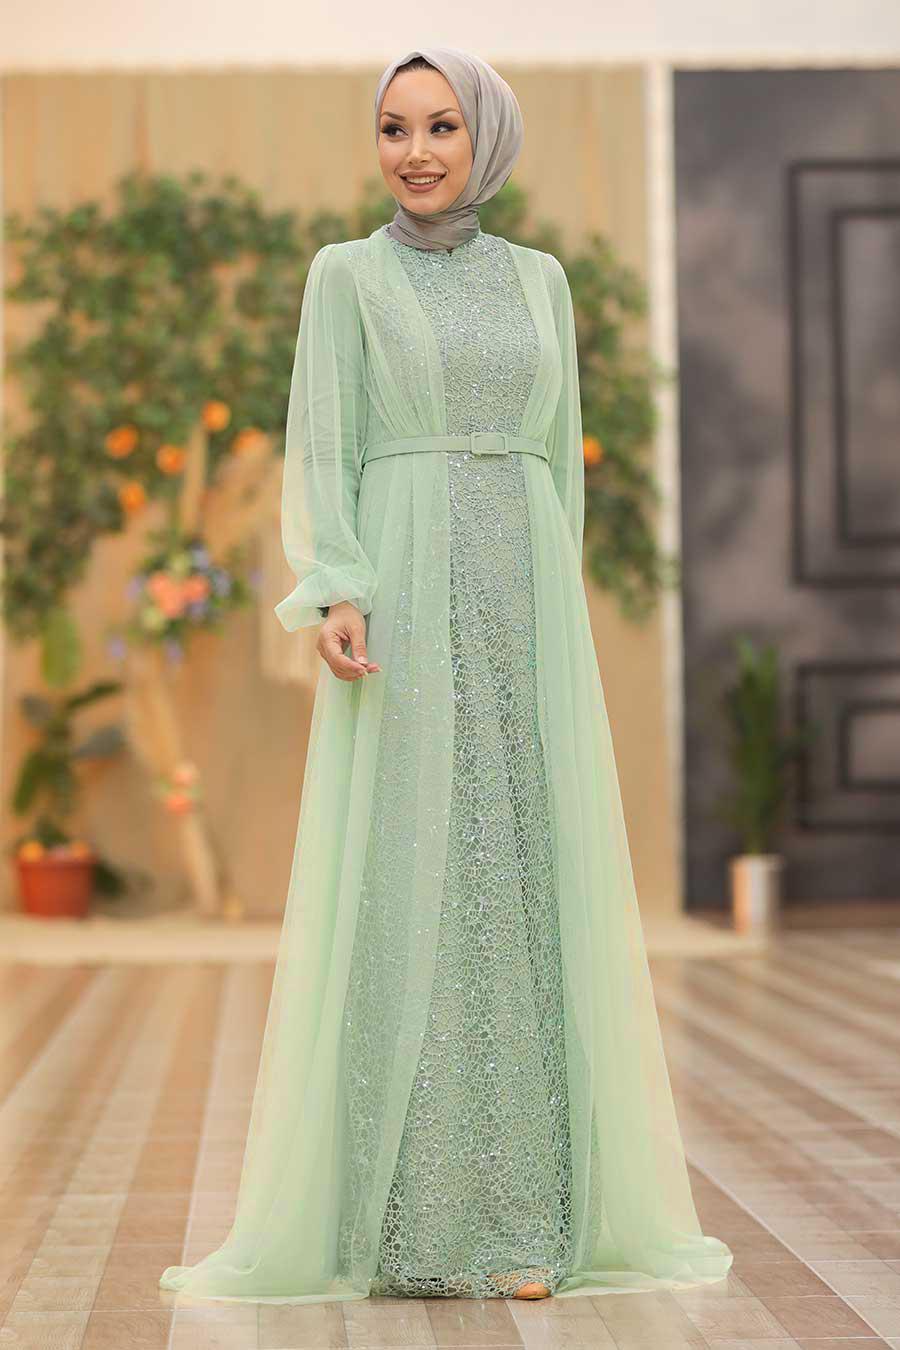 Tesettürlü Abiye Elbise - Pul Payetli Mint Tesettür Abiye Elbise 5383MINT